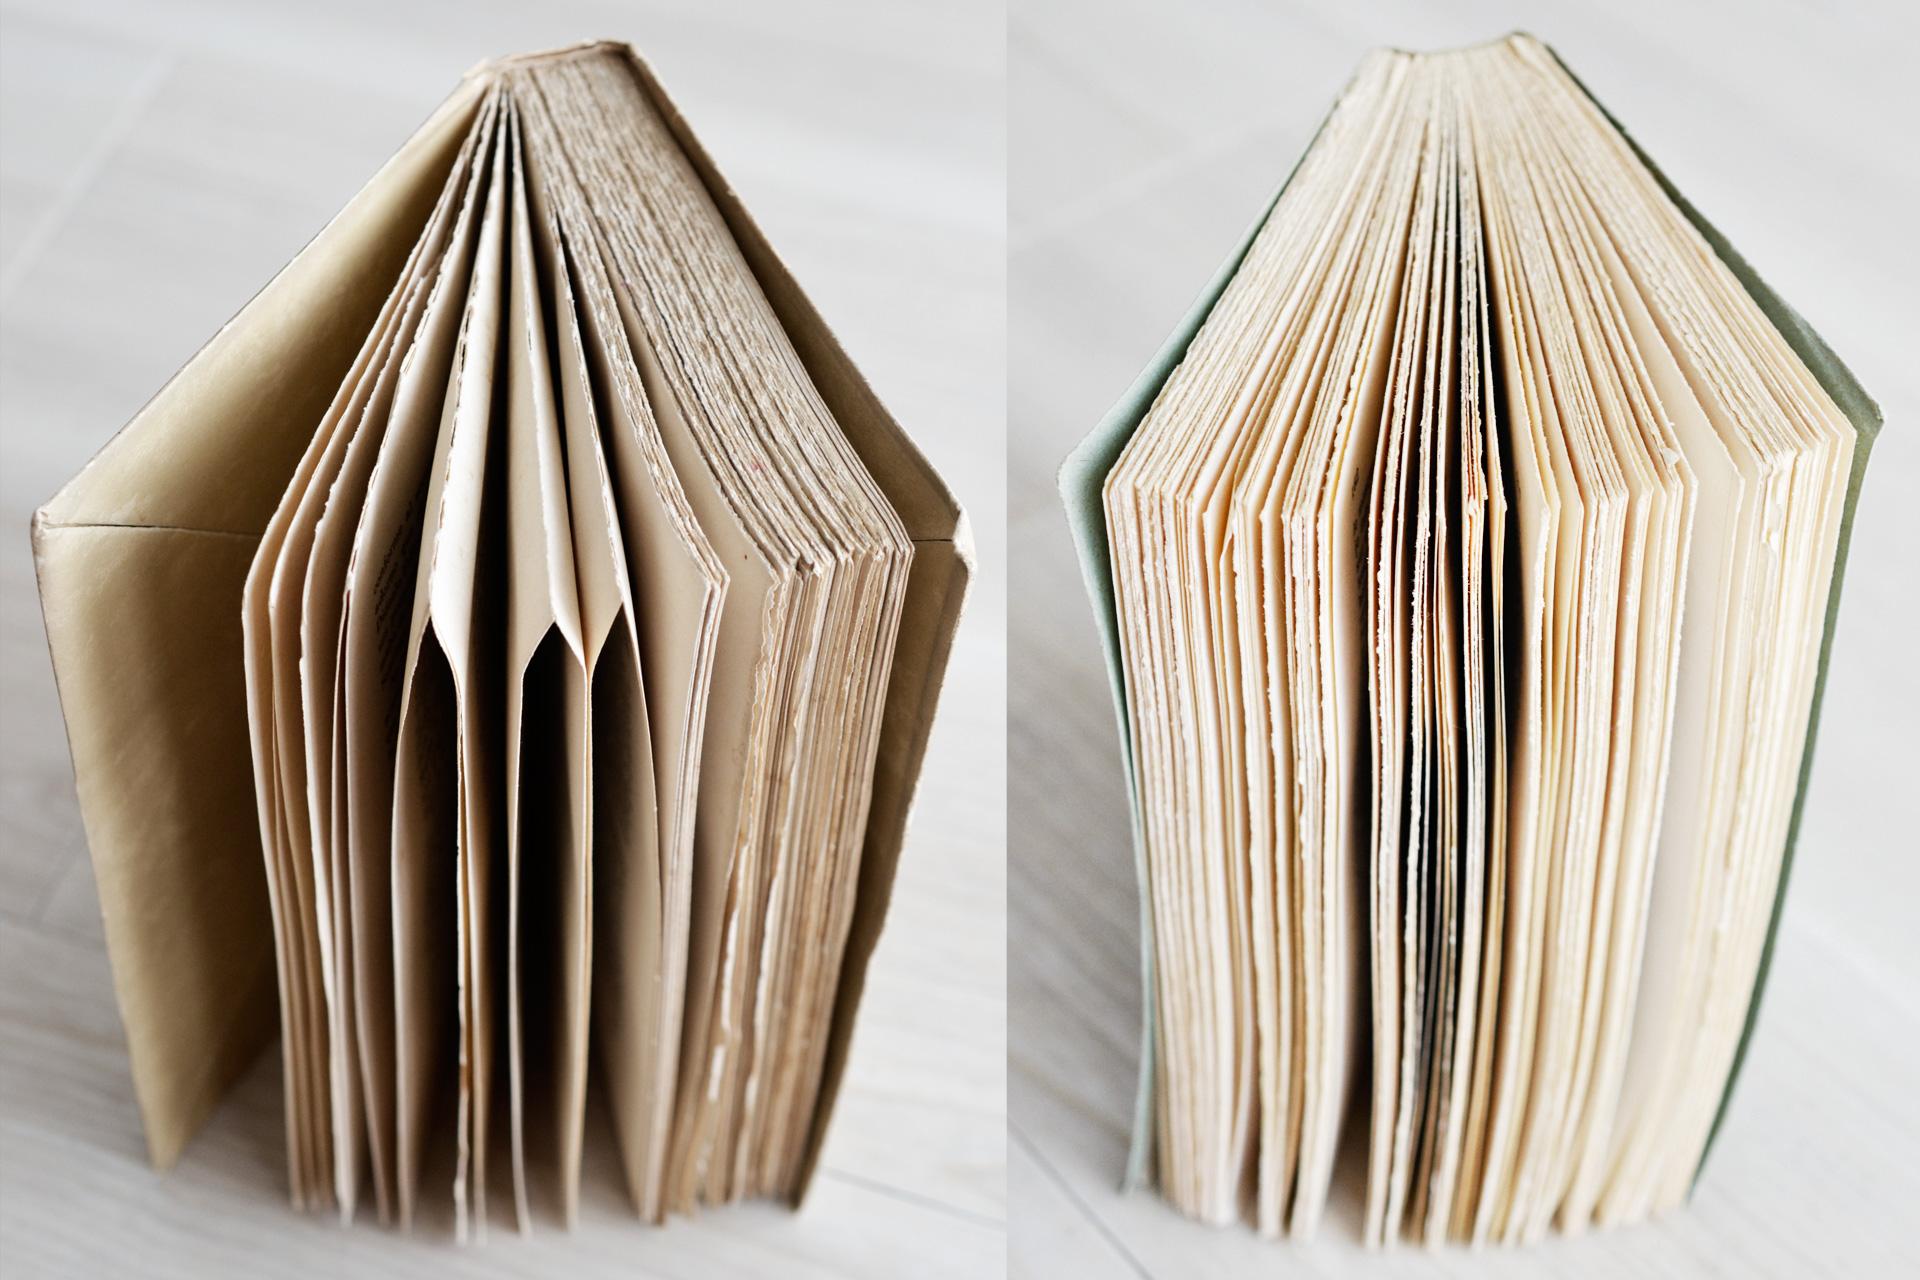 仮フランス装の本とペーパーバックの比較